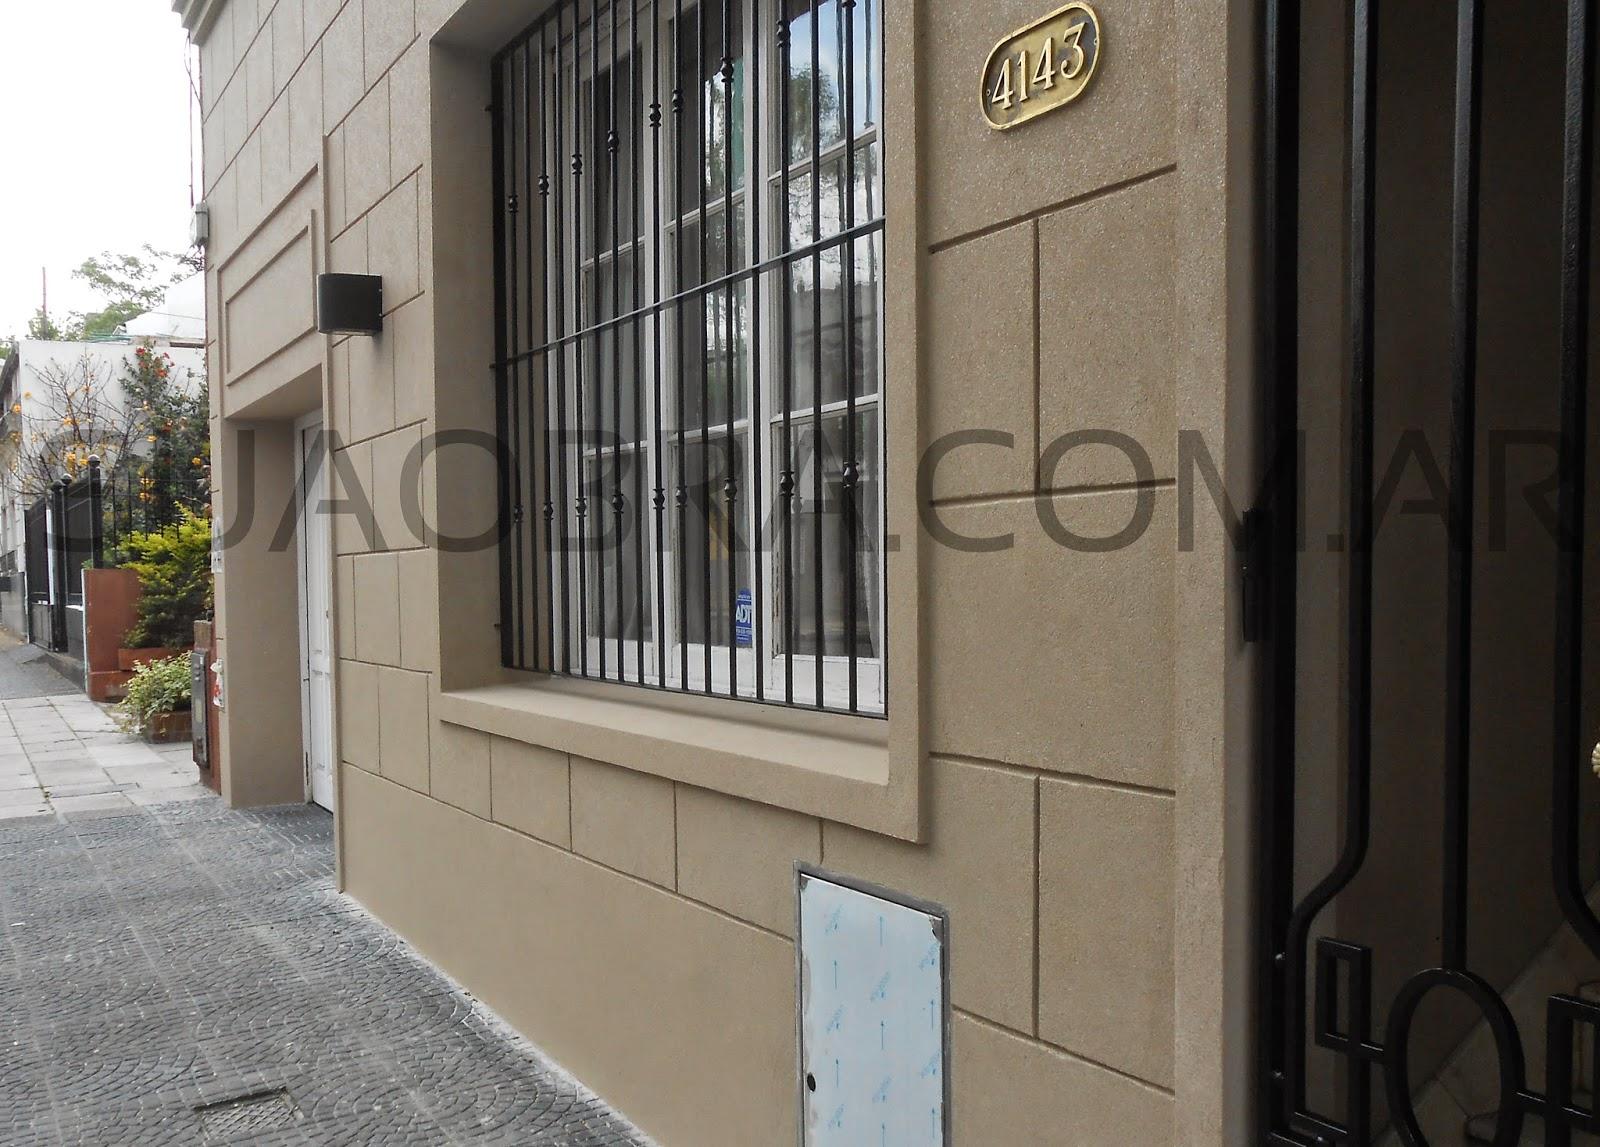 Renovacion De Fachada Con Revoque Plastico Sobre Revestimientos - Revestimientos-exterior